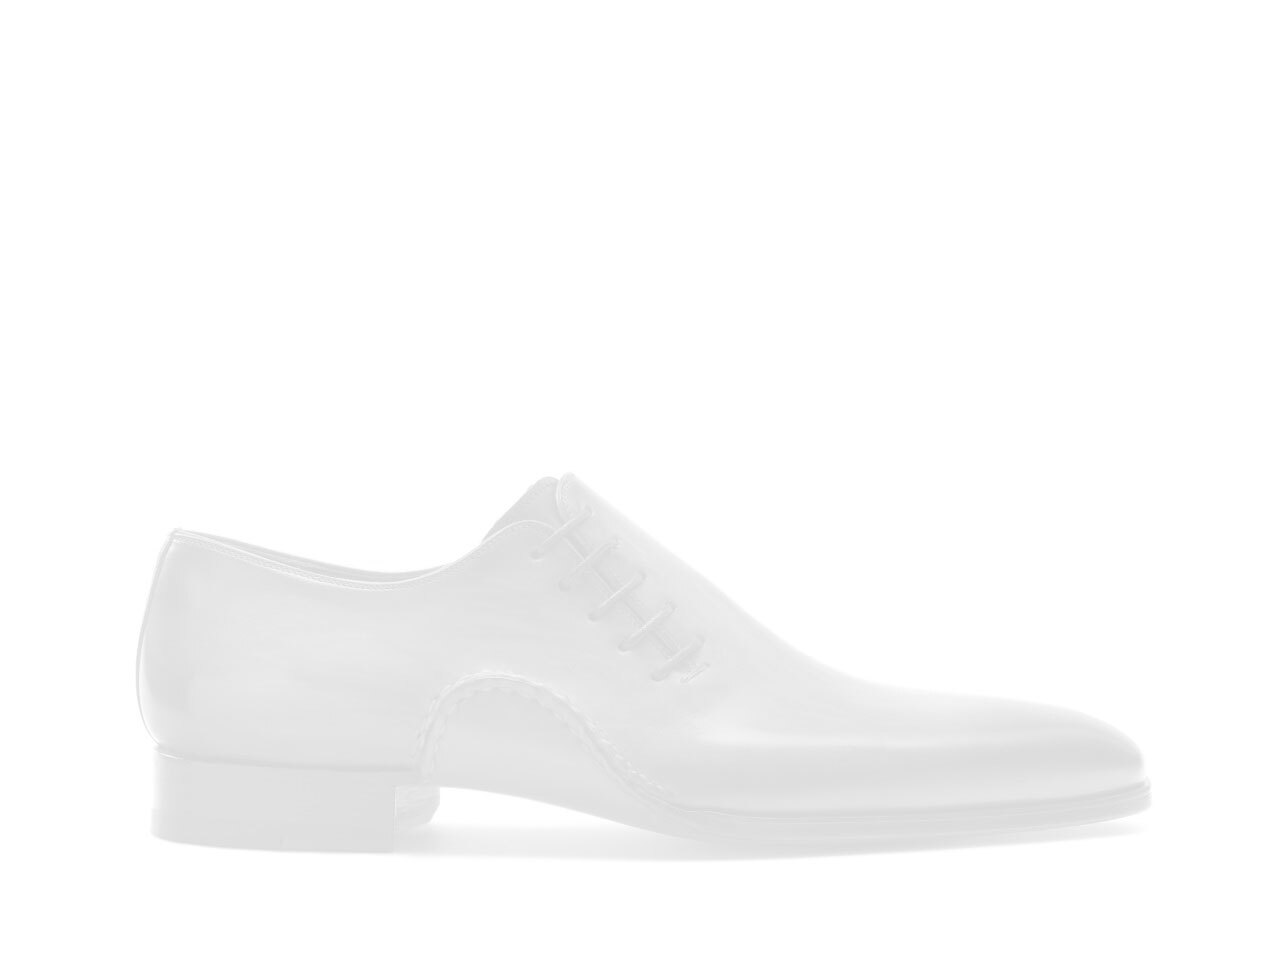 Sole of the Magnanni Camarena Cuero Men's Sneakers